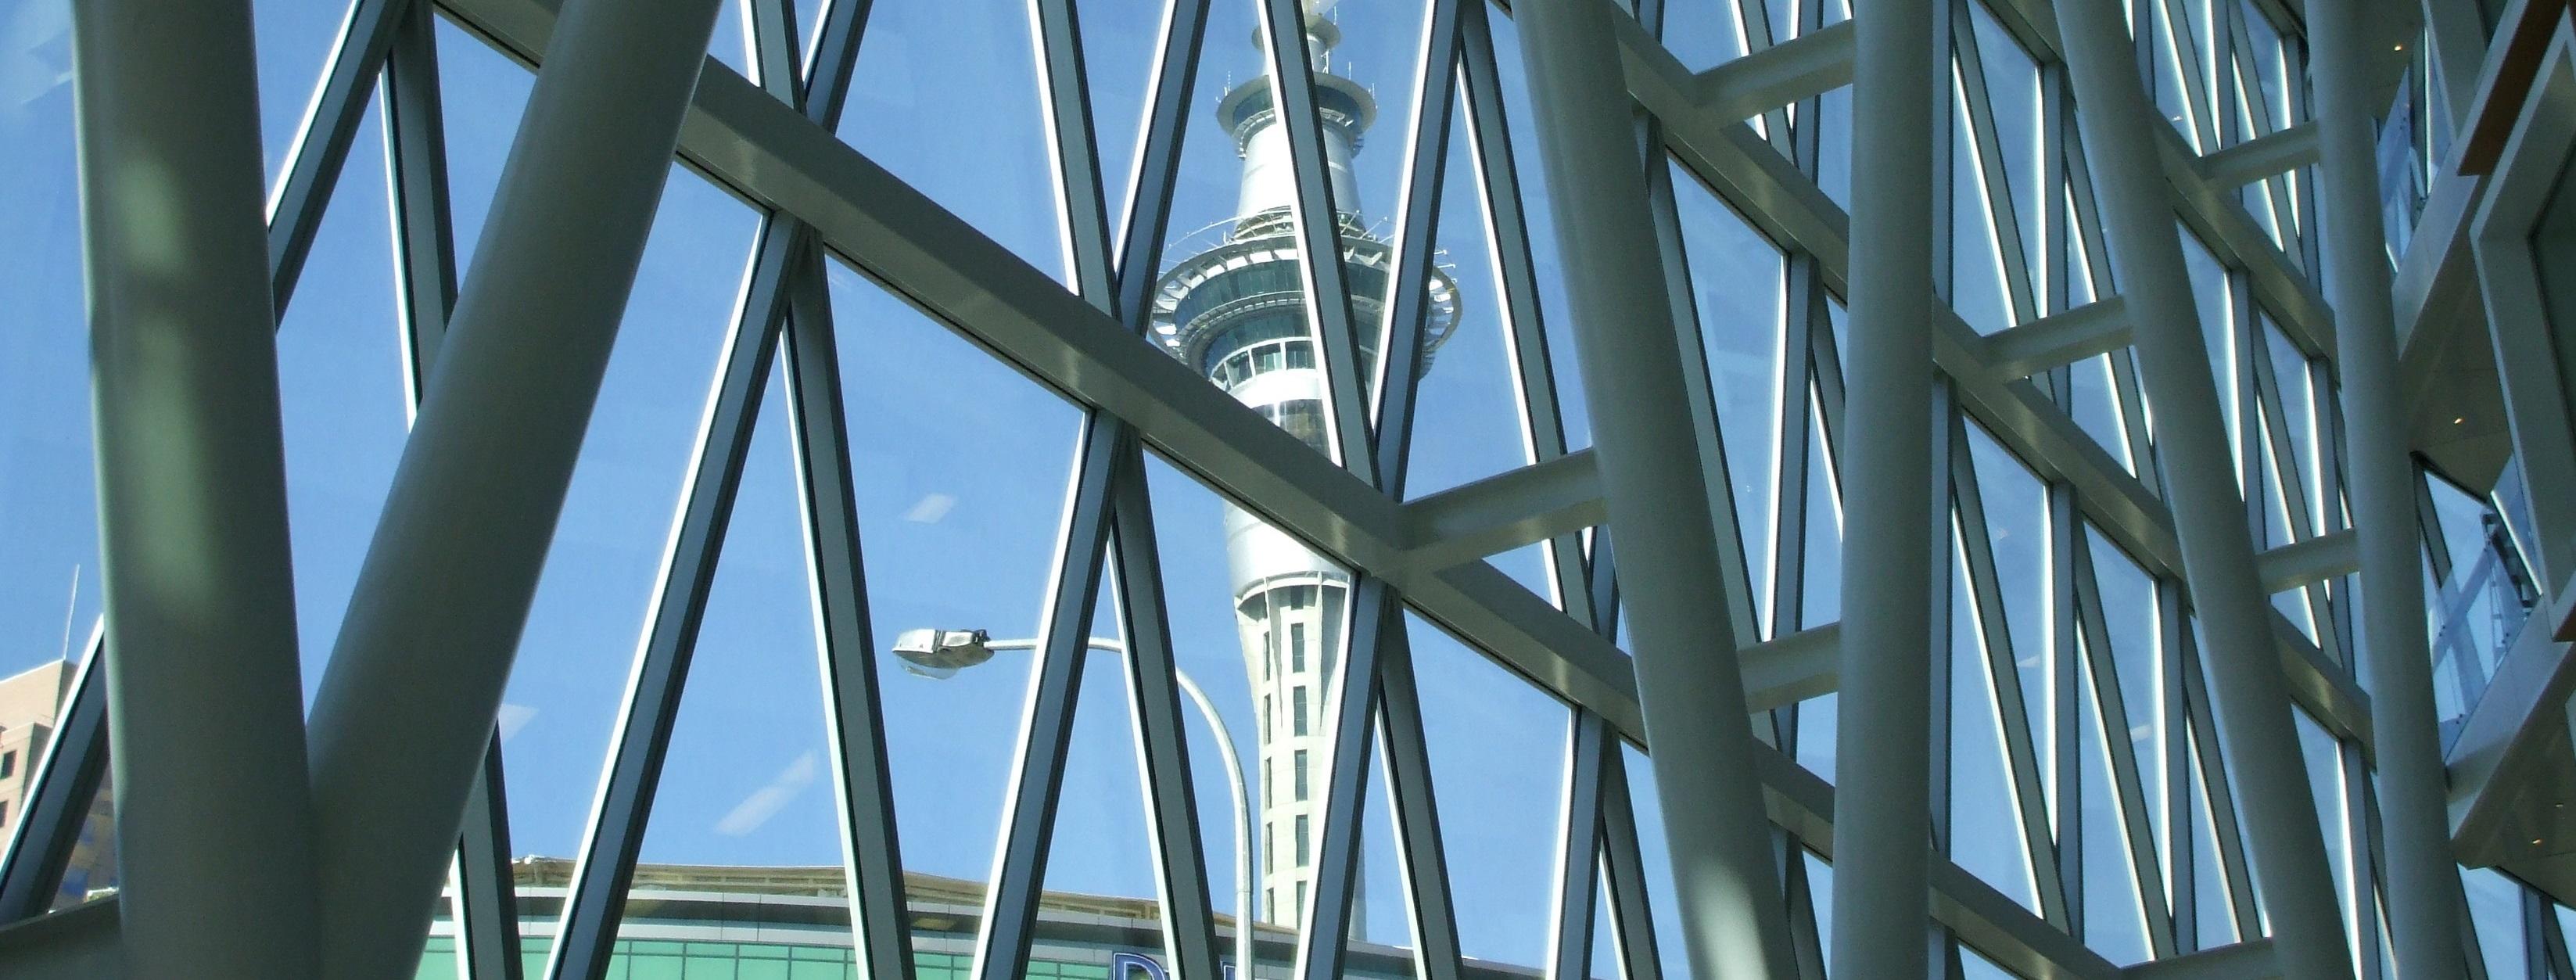 NZI-bldg-June-2009-2